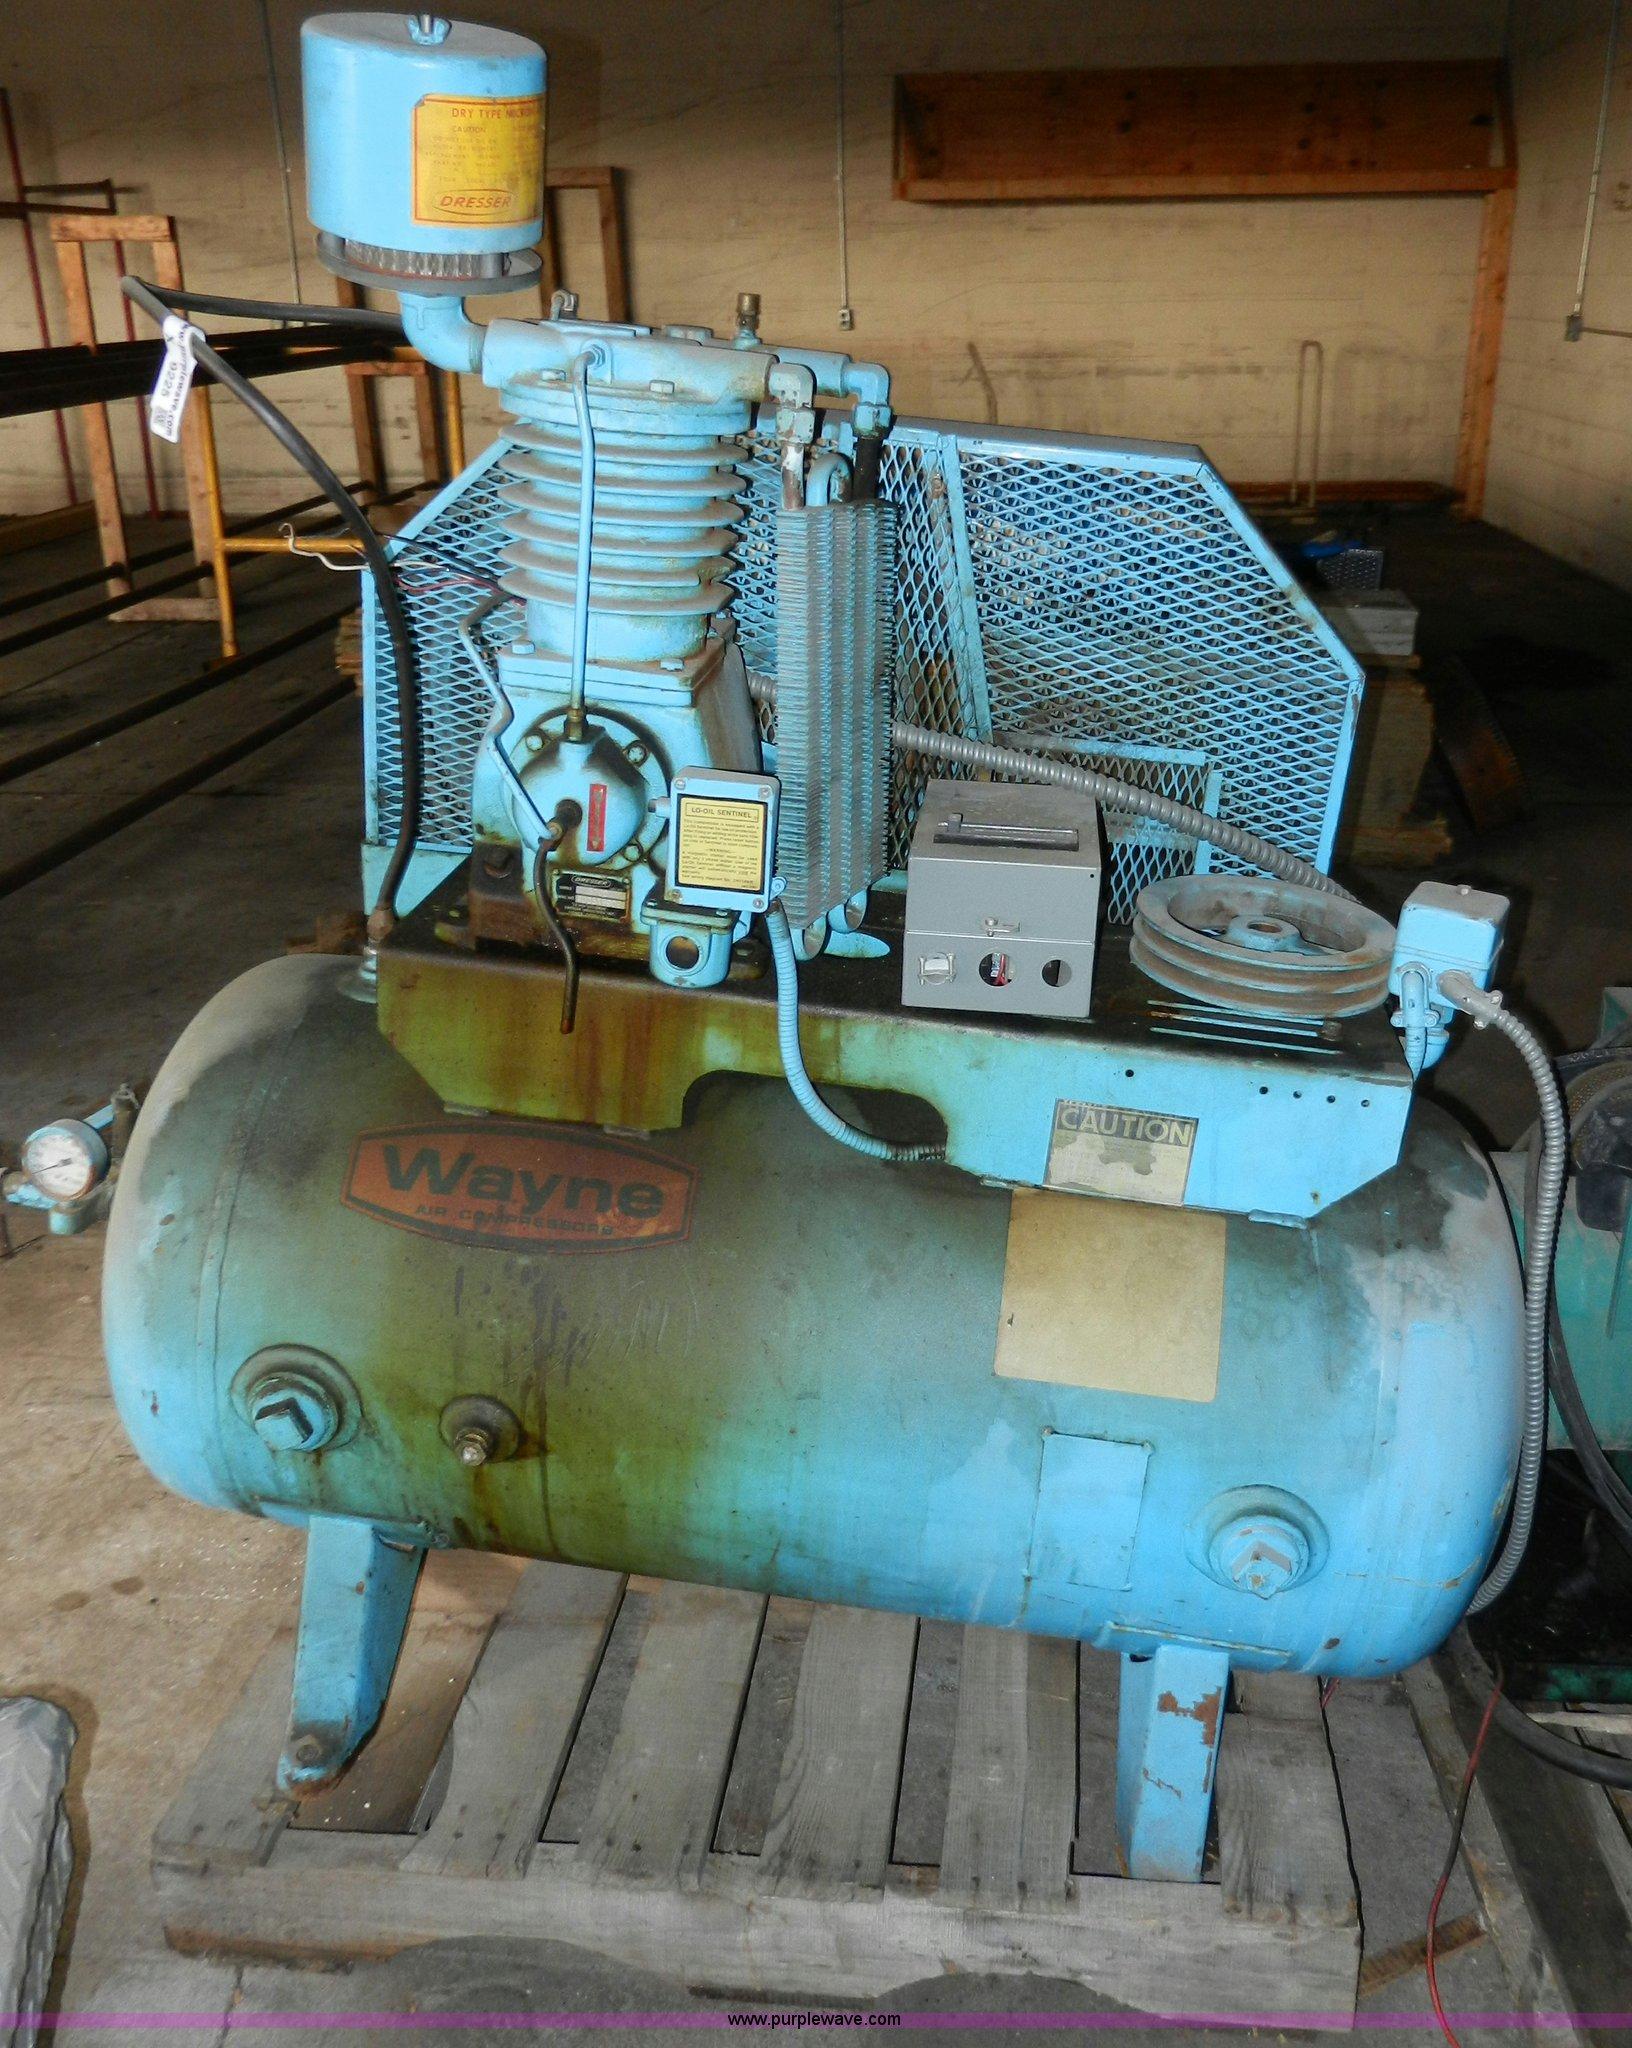 X9225 image for item X9225 1977 Wayne air compressor